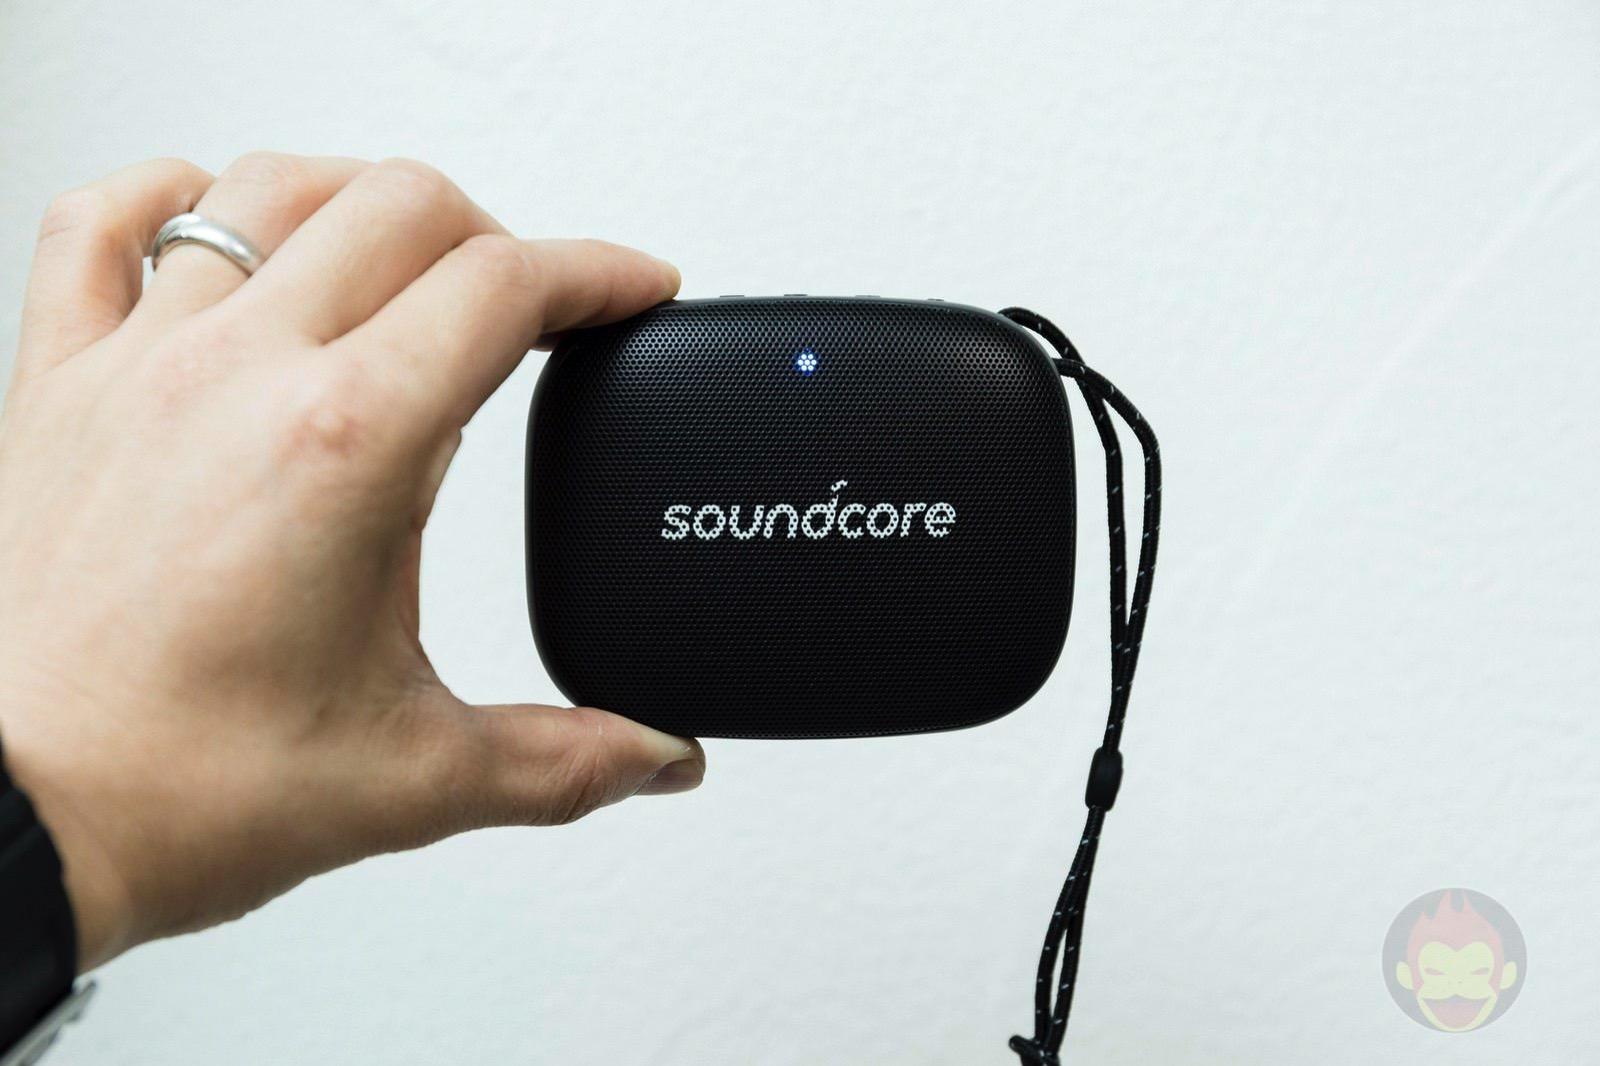 Souncore-Icon-Mini-Review-04.jpg